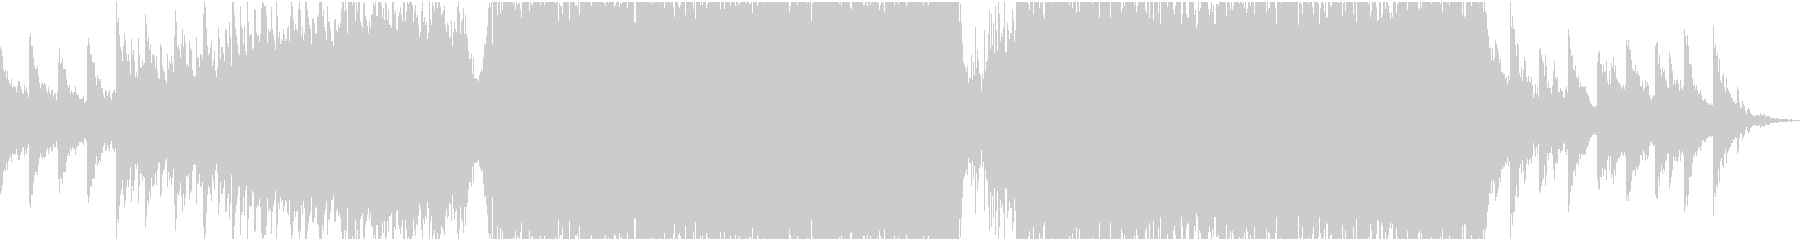 モダン 交響曲 室内楽 バトル 焦...の未再生の波形